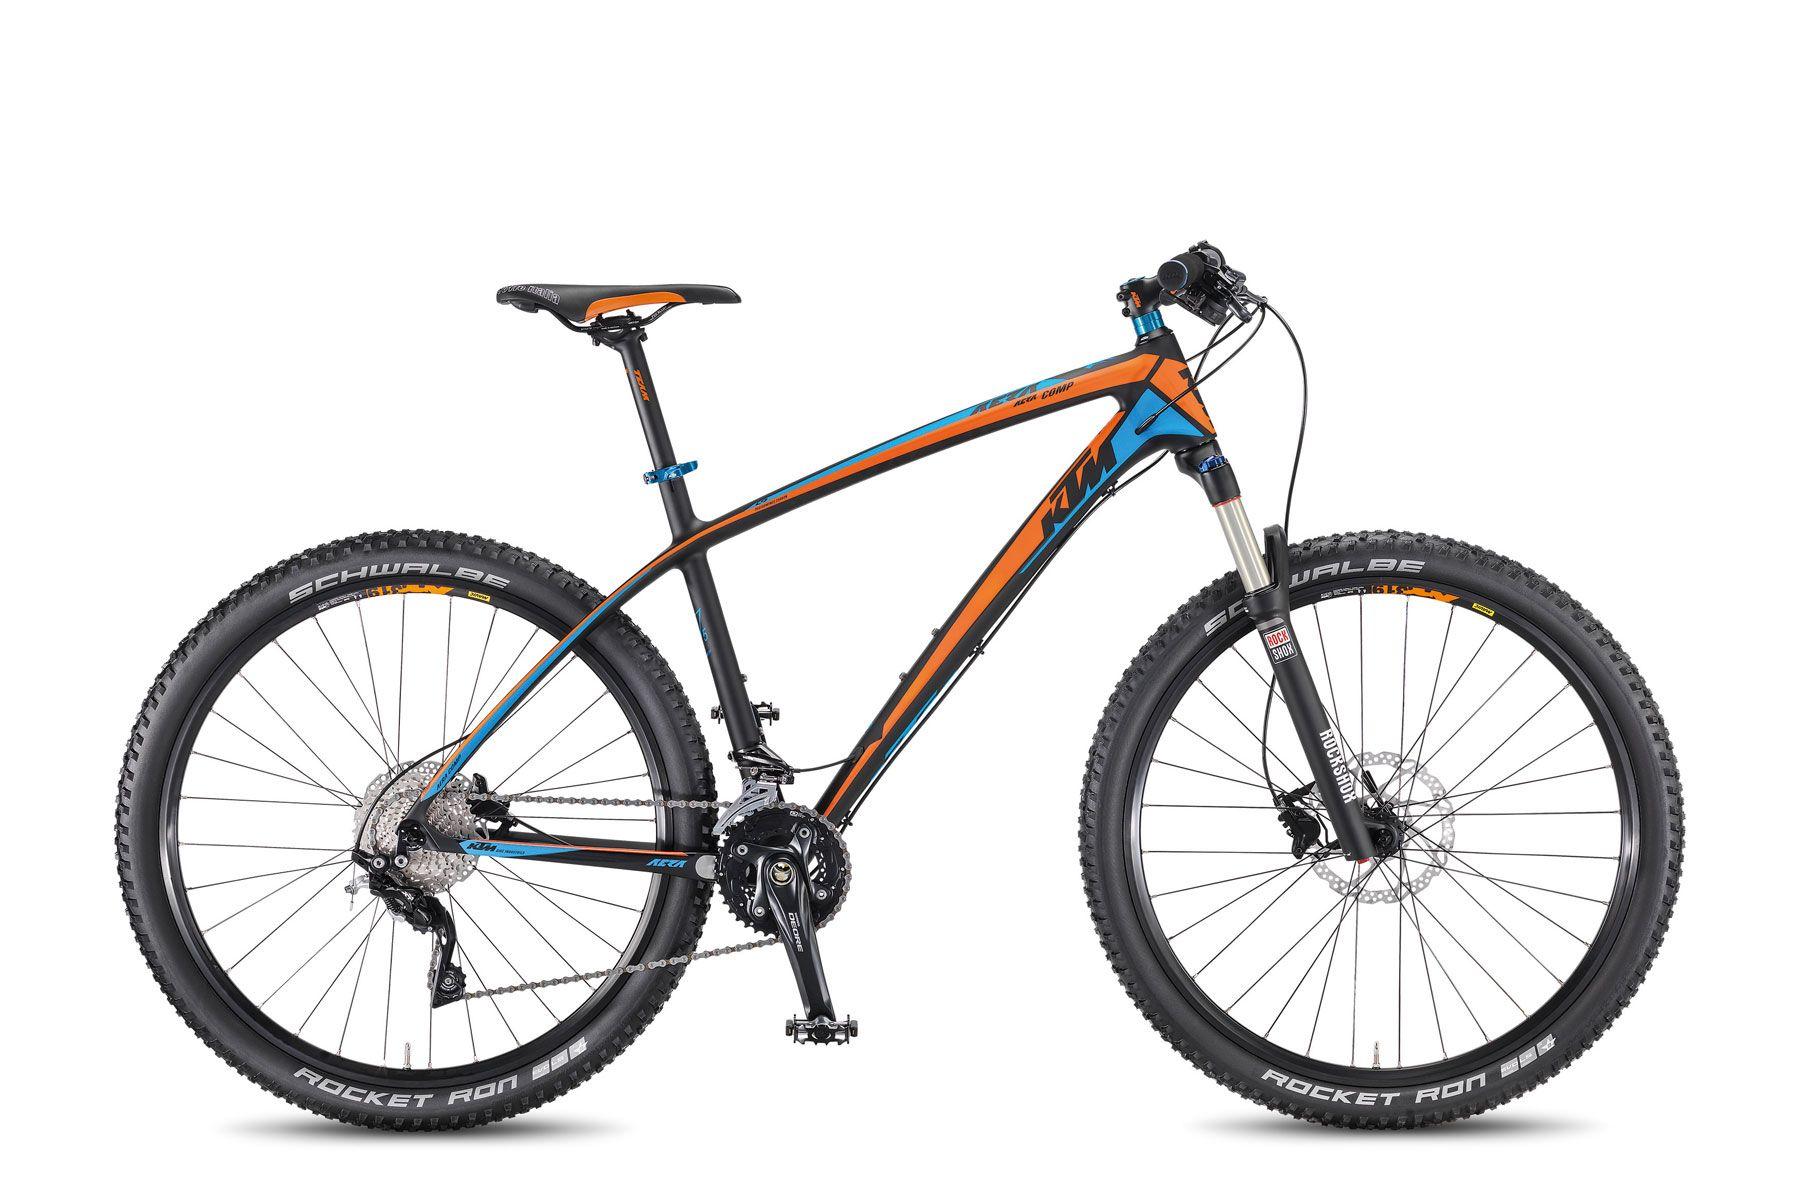 Велосипед KTMГорные<br><br><br>year: 2016<br>цвет: чёрный<br>пол: мужской<br>тип тормозов: дисковый гидравлический<br>диаметр колеса: 27.5<br>тип рамы: хардтейл<br>уровень оборудования: профессиональный<br>материал рамы: карбон<br>тип амортизированной вилки: воздушно-масляная<br>длина хода вилки: от 100 до 150 мм<br>тип заднего амортизатора: без амортизатора<br>количество скоростей: 20<br>блокировка амортизатора: да<br>рулевая колонка: KTM Team B303AM drop/in-tapered, +10<br>вынос: KTM Team KT-6, 7 градусов<br>руль: KTM Team HB-FB21L, прямой, ширина 680 мм, 9 градусов<br>грипсы: KTM Team VLG - 864 - 12D3 Neopren, 1 Clamp<br>передний тормоз: Shimano M425, Shimano RT54 CL, диаметр ротора 180 мм<br>задний тормоз: Shimano M395, Shimano RT54 CL, диаметр ротора 160 мм<br>тормозные ручки: Алюминиевый сплав<br>система: Shimano Deore M617, 38-24T<br>педали: VP-195-E MTB, алюминиевый сплав<br>ободья: KTM-Line CC 27.5<br>передняя втулка: Shimano Deore CL - 100QR<br>задняя втулка: Shimano Deore CL - 135QR<br>передняя покрышка: Schwalbe Rocket Ron Evo, LSk-folding, 57-584<br>задняя покрышка: Schwalbe Rocket Ron Evo, LSk-folding, 57-584<br>седло: Selle Italia X1 Flow<br>подседельный штырь: KTM Team SP-719, 350/27.2 мм<br>кассета: Shimano HG50-10, 11-36<br>передний переключатель: Shimano Deore M617-E Sideswing<br>задний переключатель: Shimano Deore XT M781, shadow<br>манетки: Shimano Deore M610-10<br>вес: 11,2 кг<br>рама: Aera 27.5 Performance Carbon, Hardtail, R: 135QR<br>вилка: RockShox Recon gold, 27.5-SA-TK-T-QR9, Lockout w/o Remote, ход 100 мм<br>размер рамы: 17&amp;amp;quot;<br>Серия: Aera